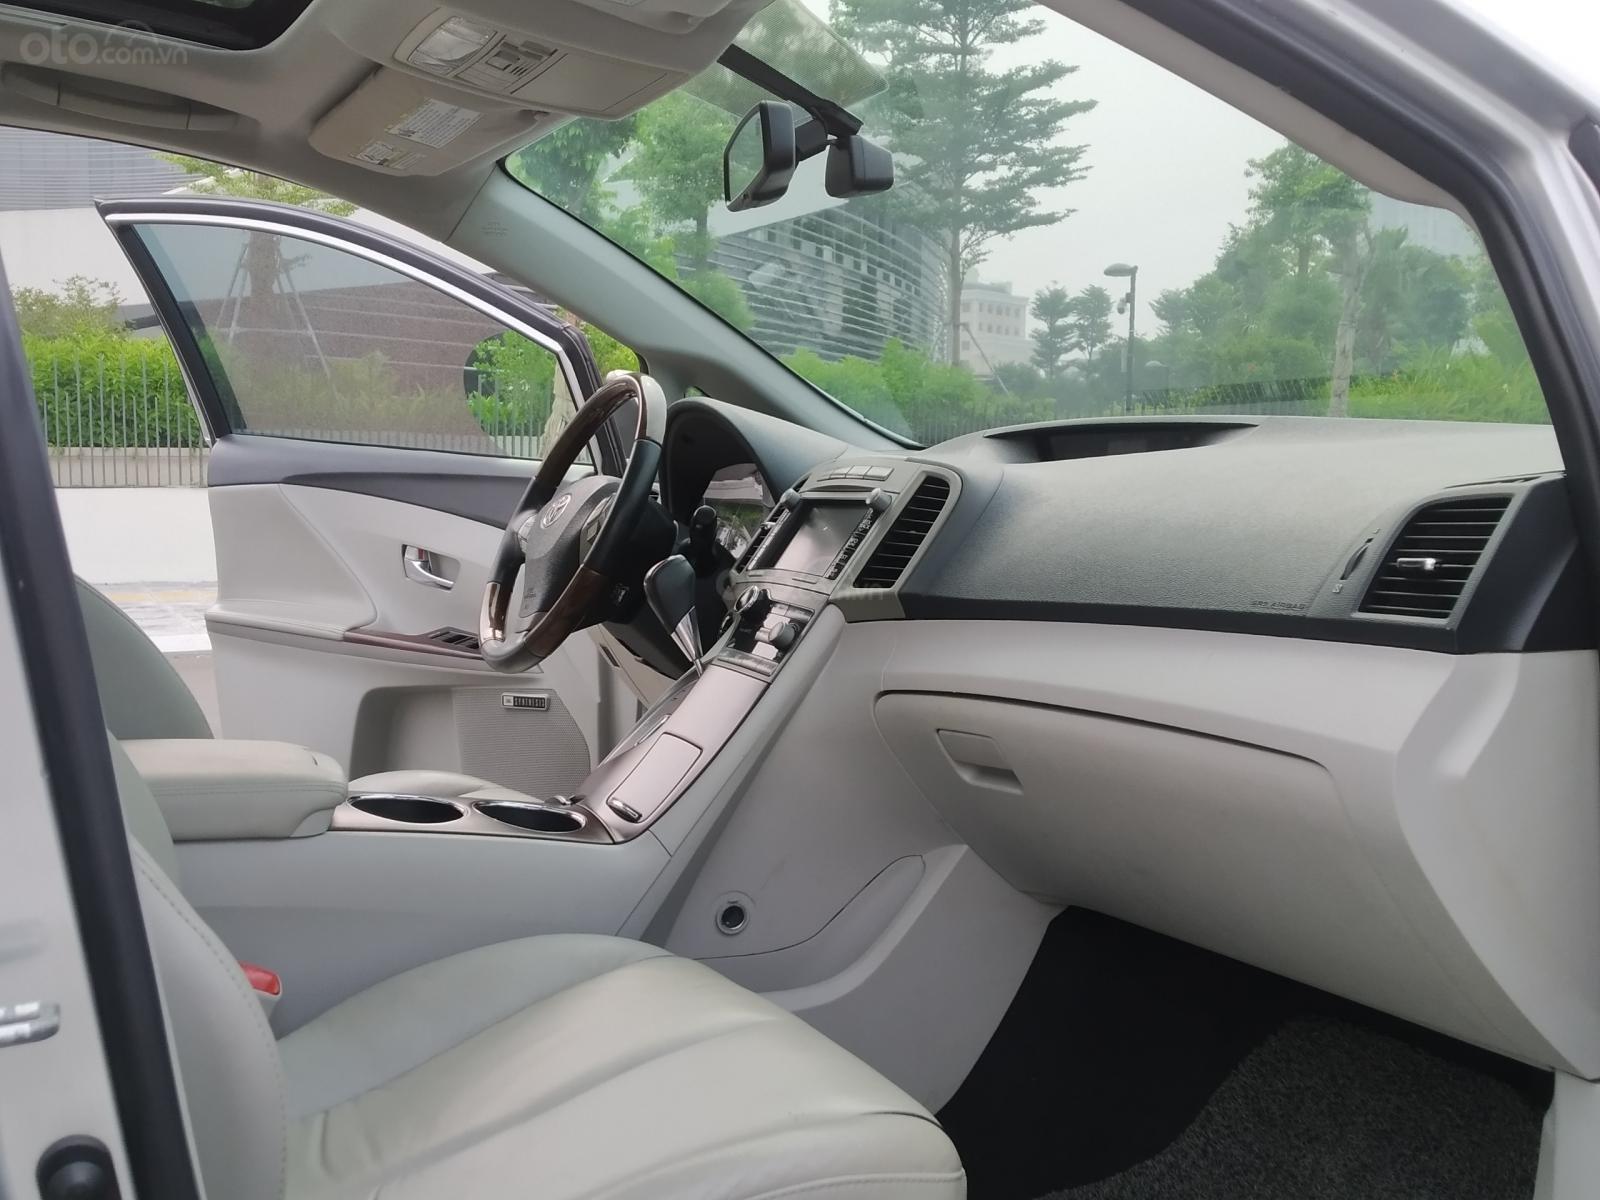 Toyota Venza 2009 nhập khẩu, xe đẹp khó tìm (6)